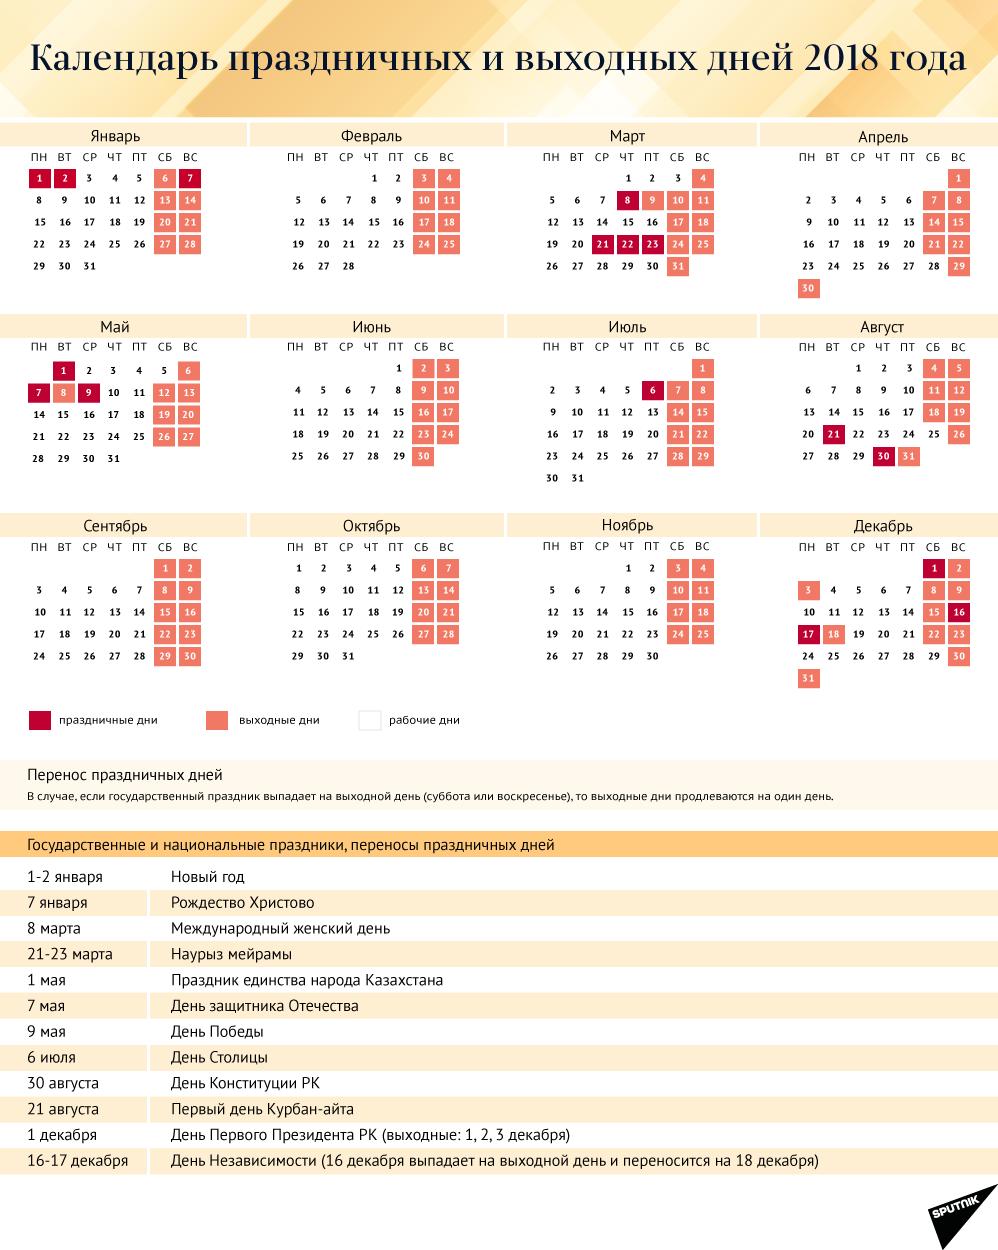 Календарь праздничных выходных в Казахстане в 2018 году